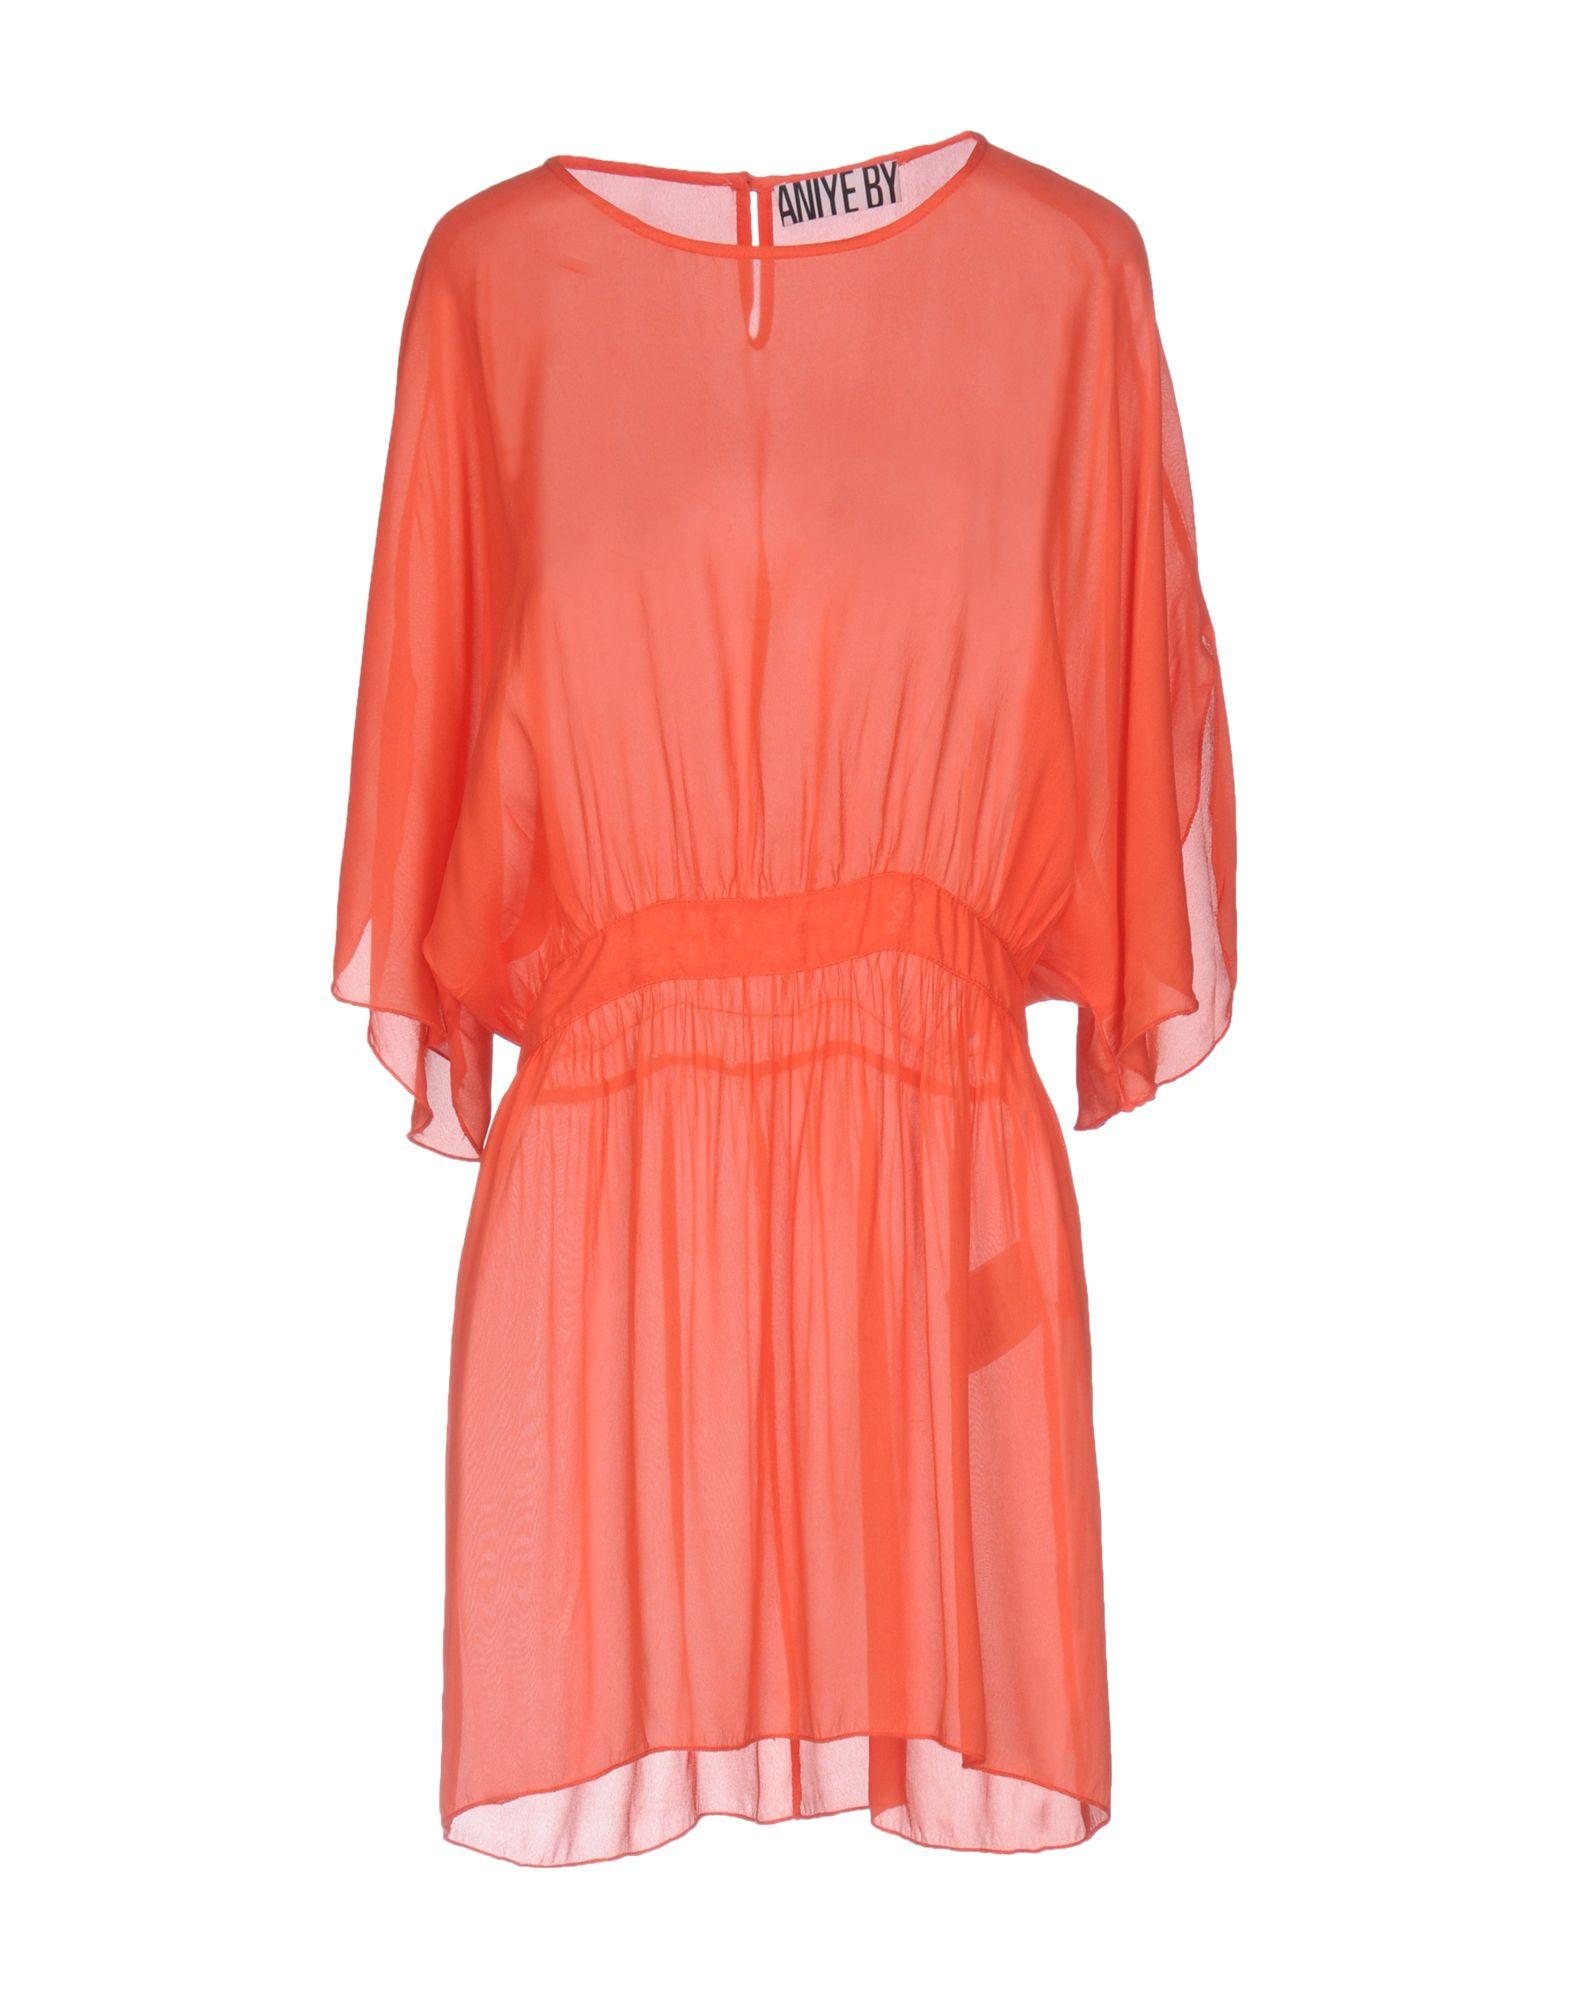 ANIYE BY Damen Bluse Farbe Koralle Größe 4